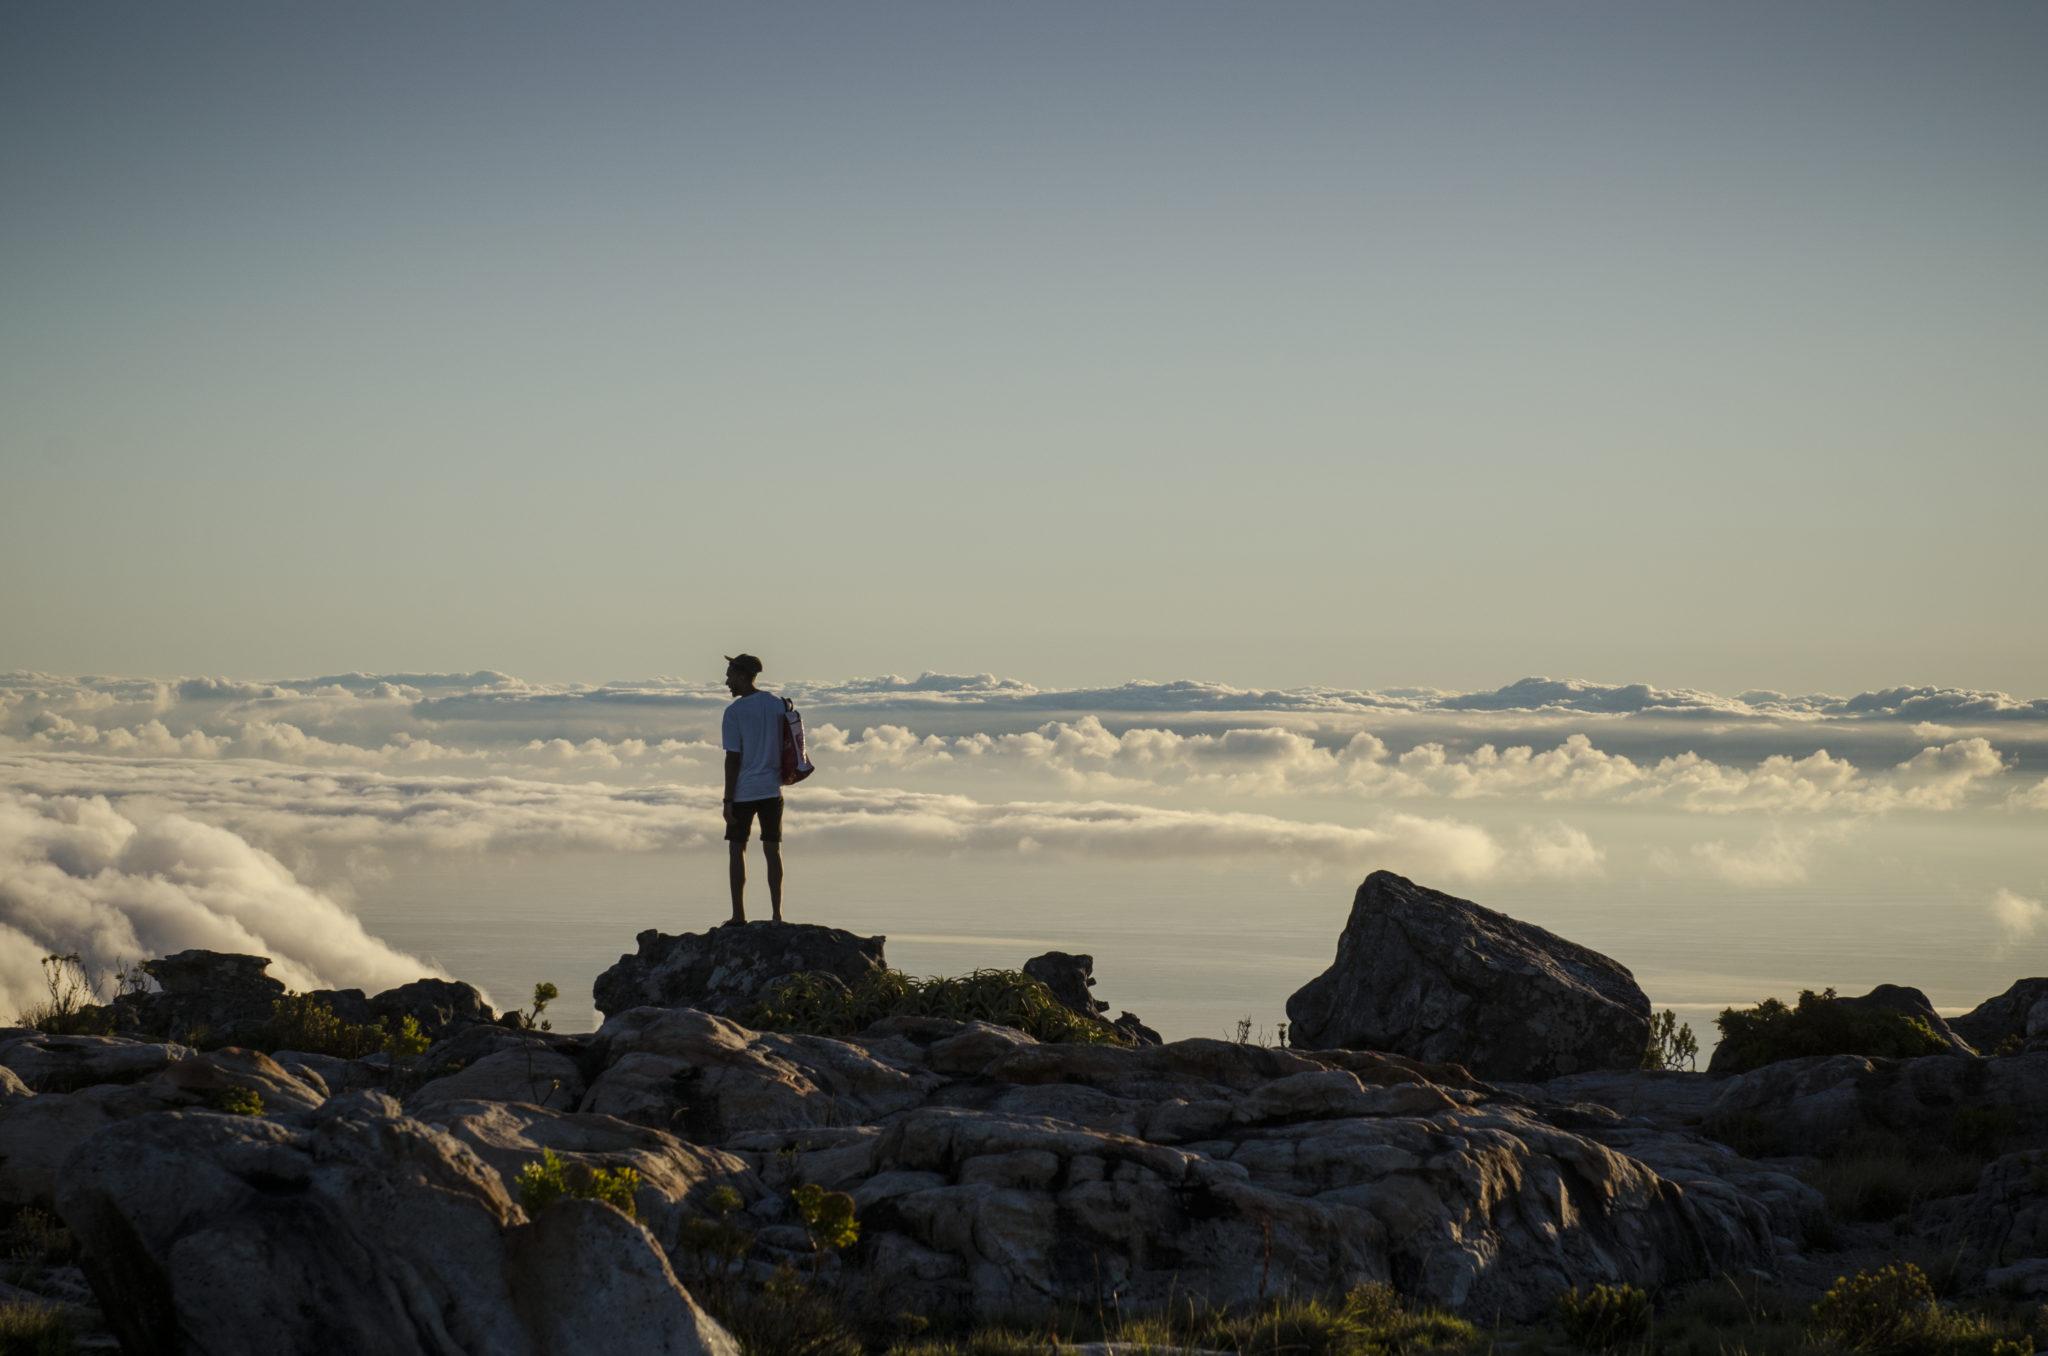 Südafrika Reisetipps: Alles was du wissen musst